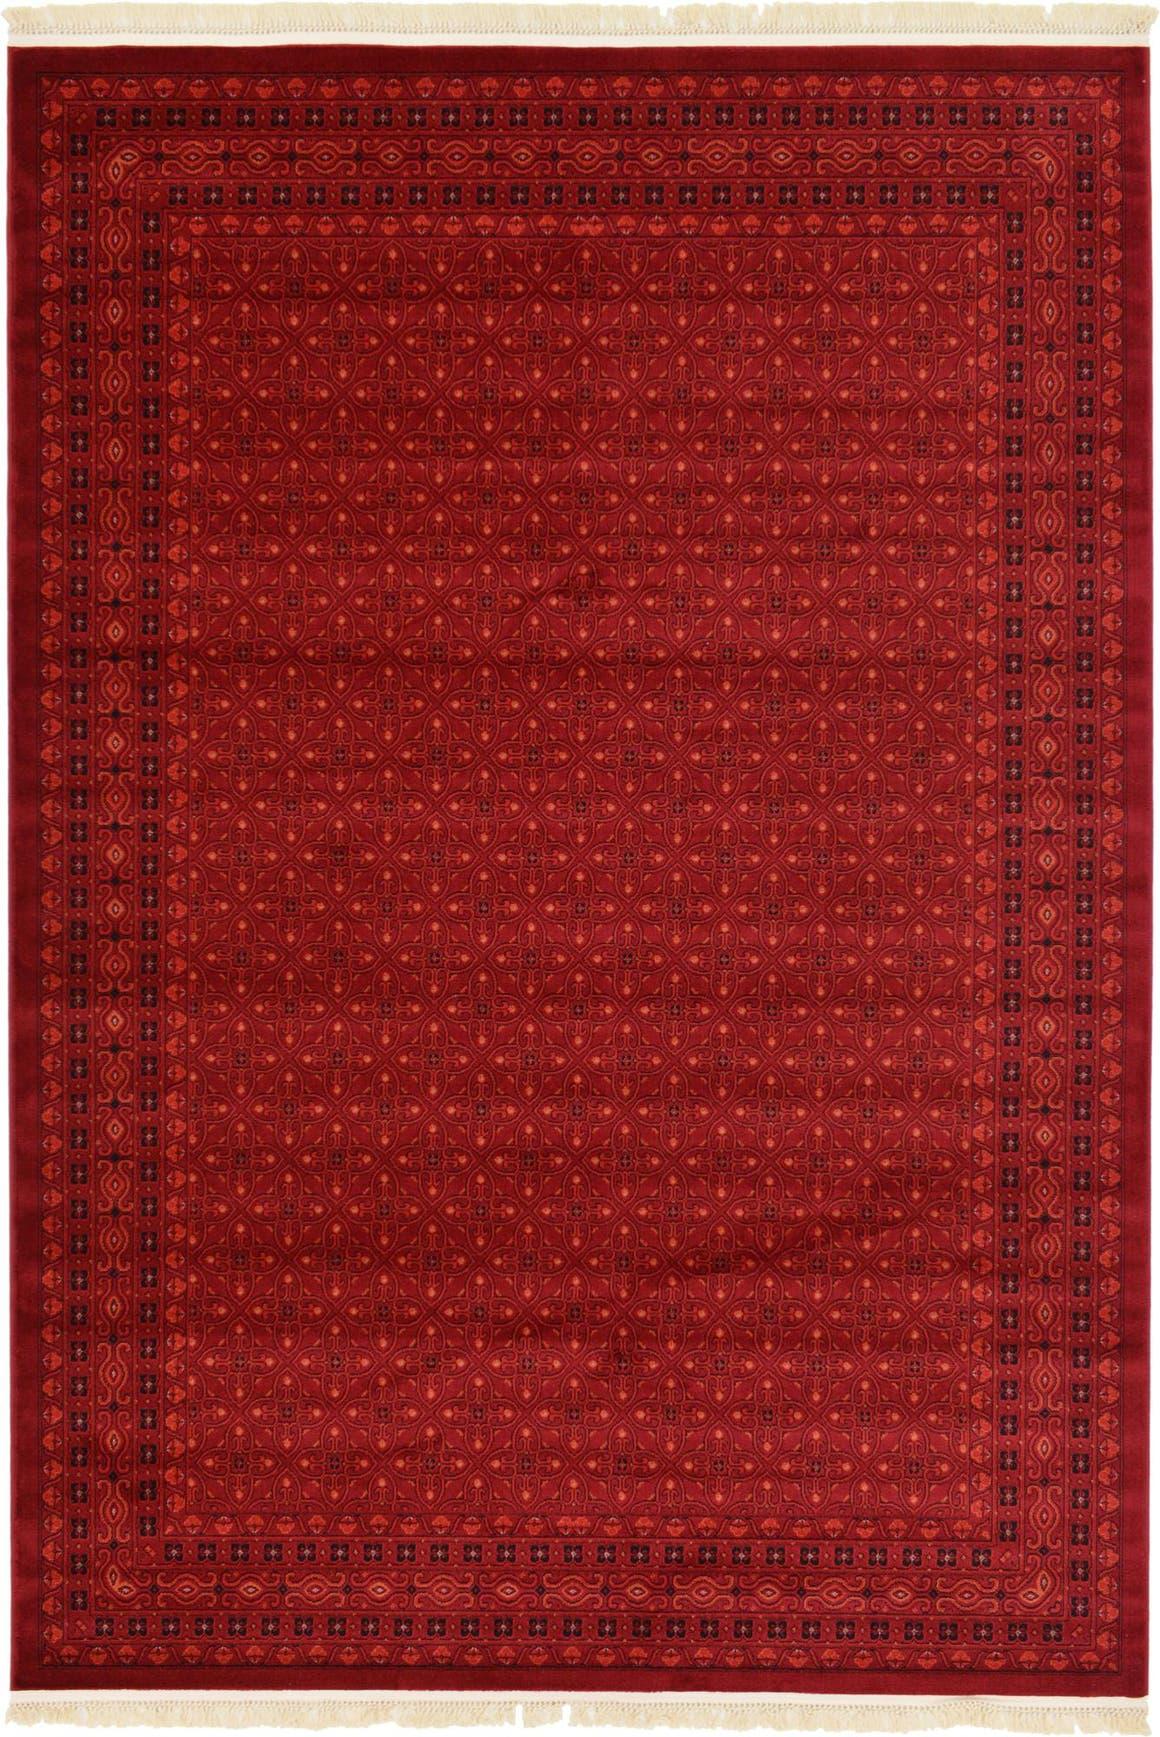 7' x 10' Bokhara Rug main image